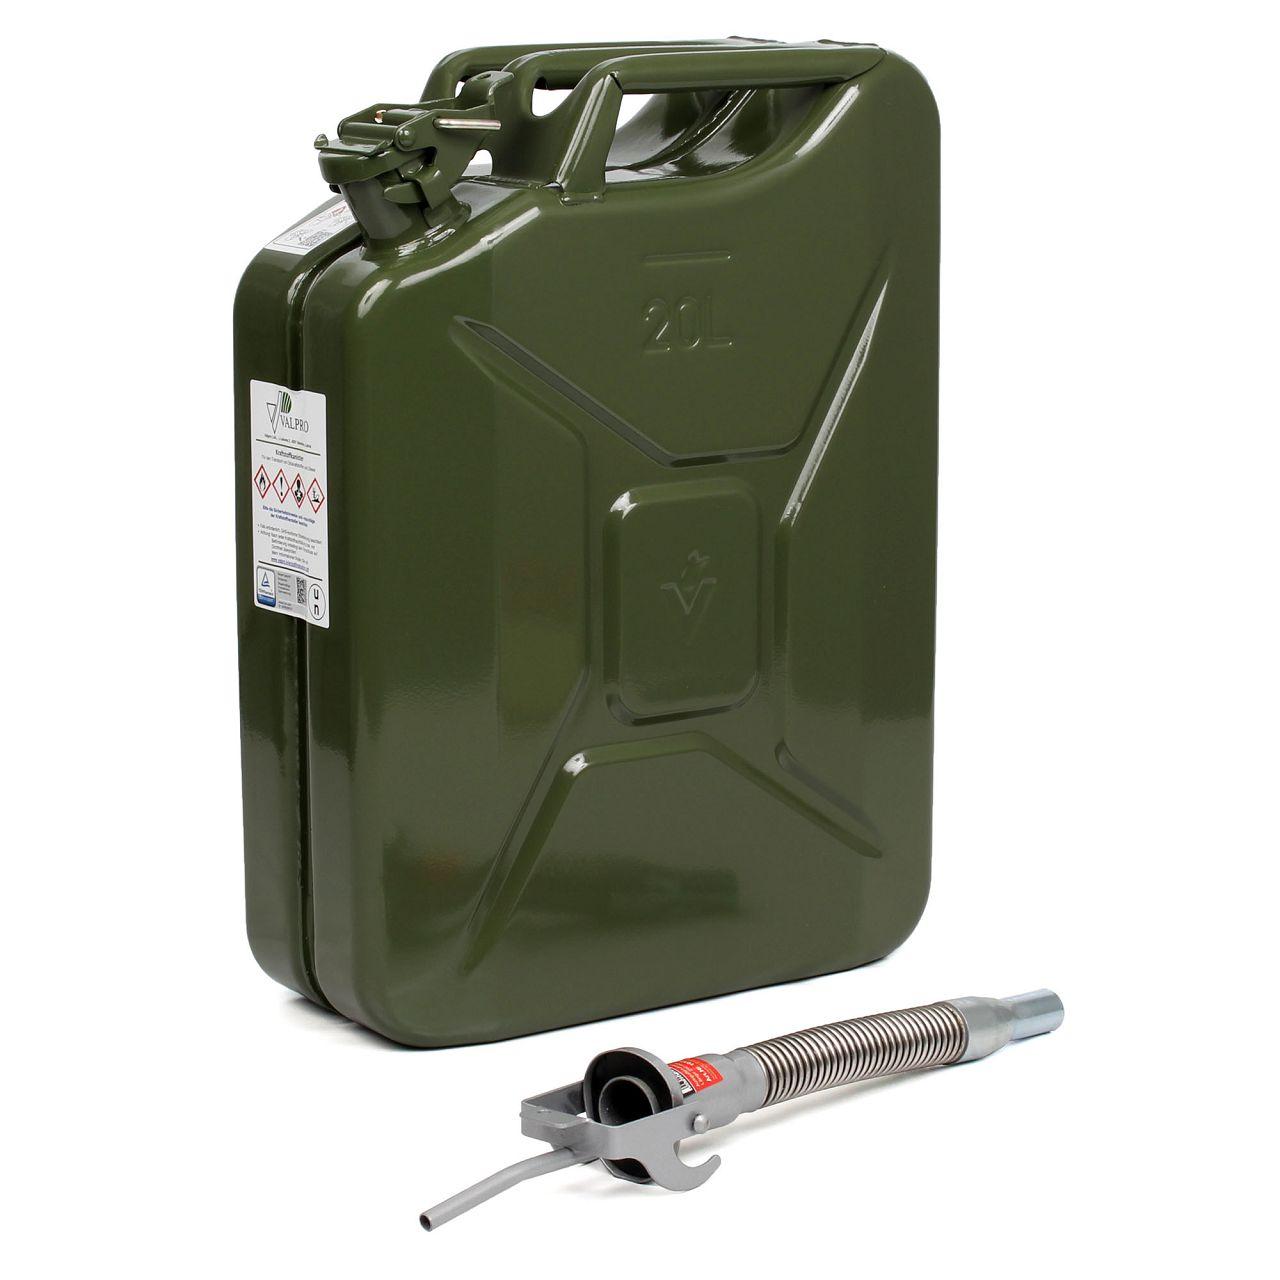 Kanister Benzin Diesel Reservekanister METALL 20Liter + Einfüllstutzen Ausgießer